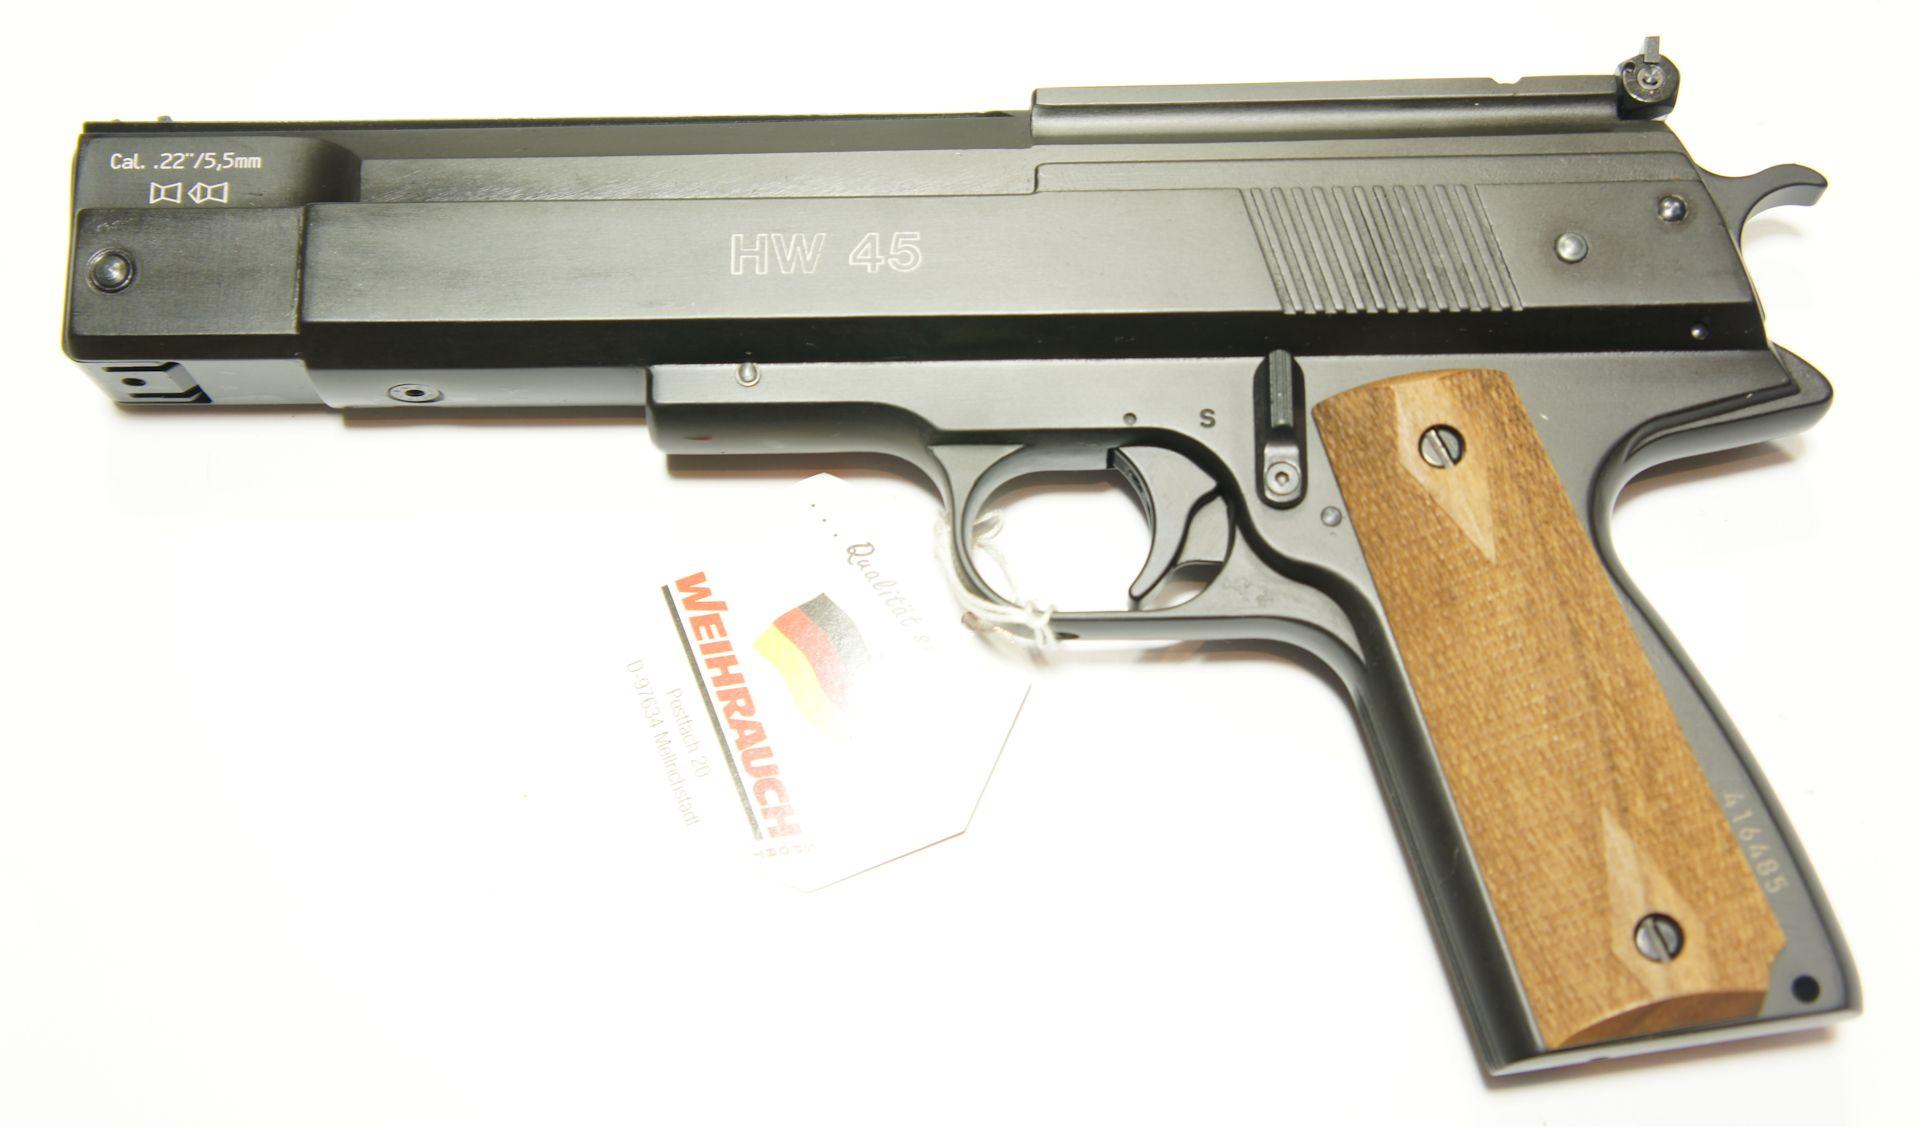 Luftpistole HW 45 Kaliber 5,5mm, schwarz